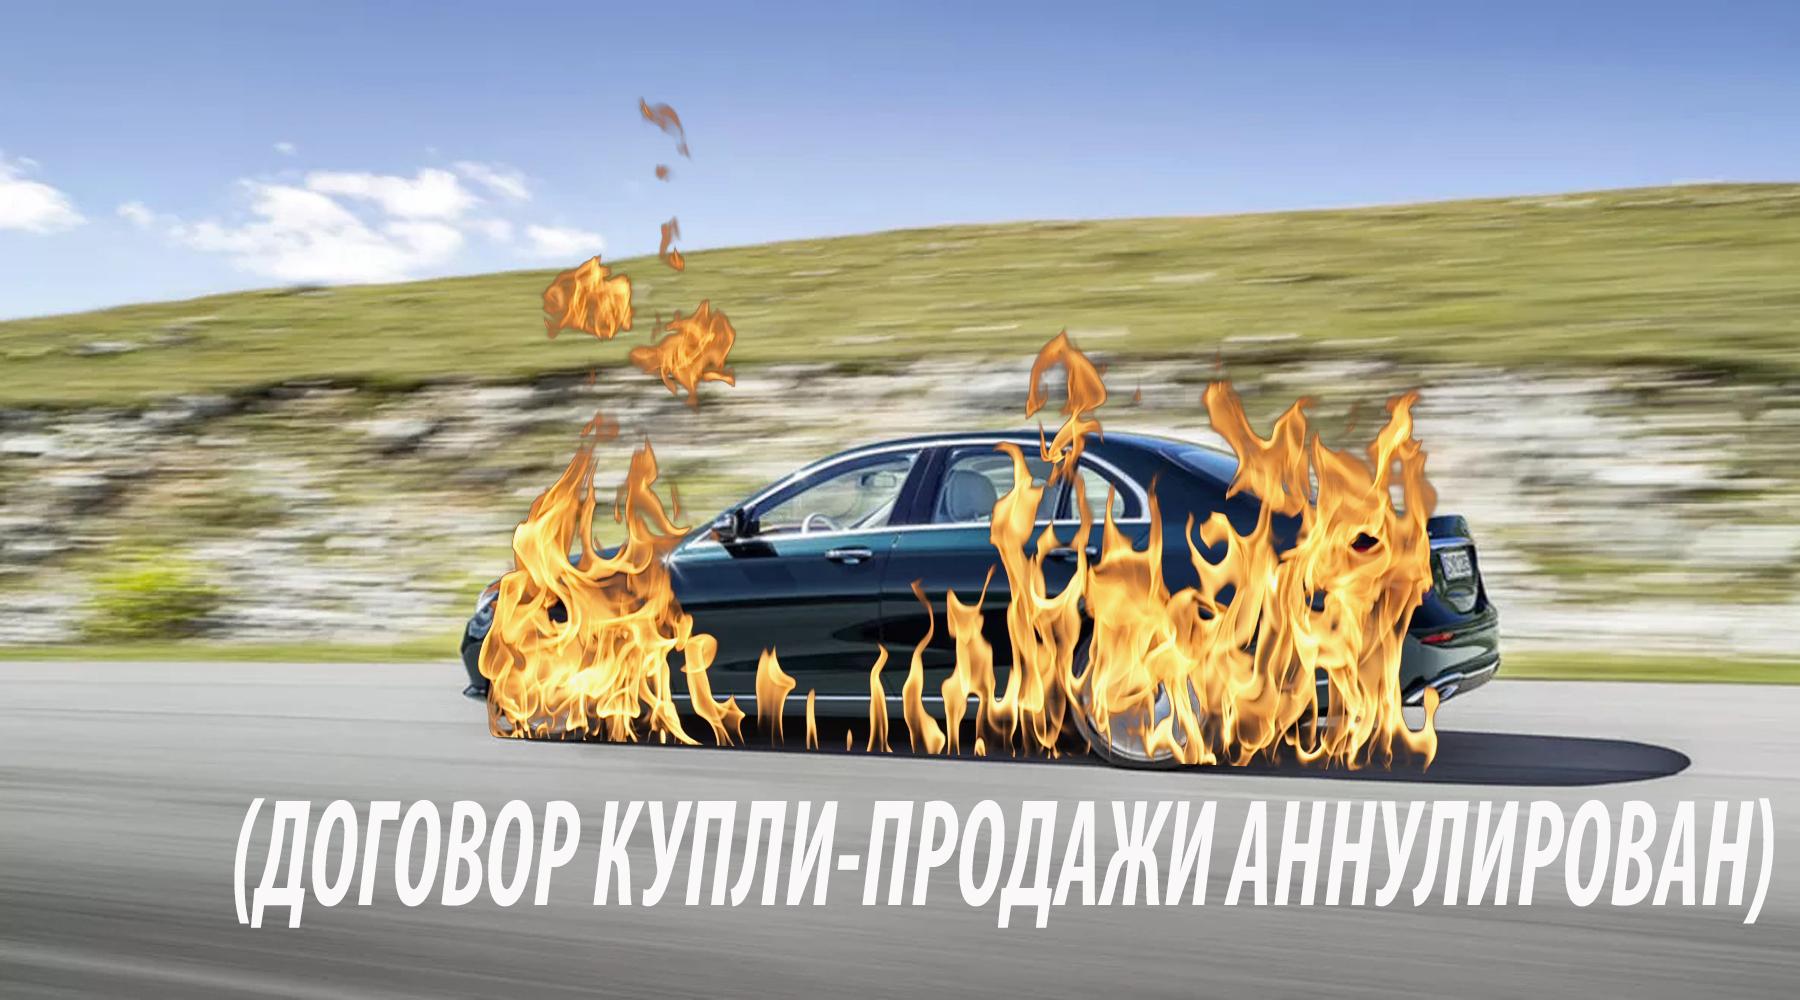 Купил авто по договору купли продажи как вернуть деньги кредит в залог авто ярославль